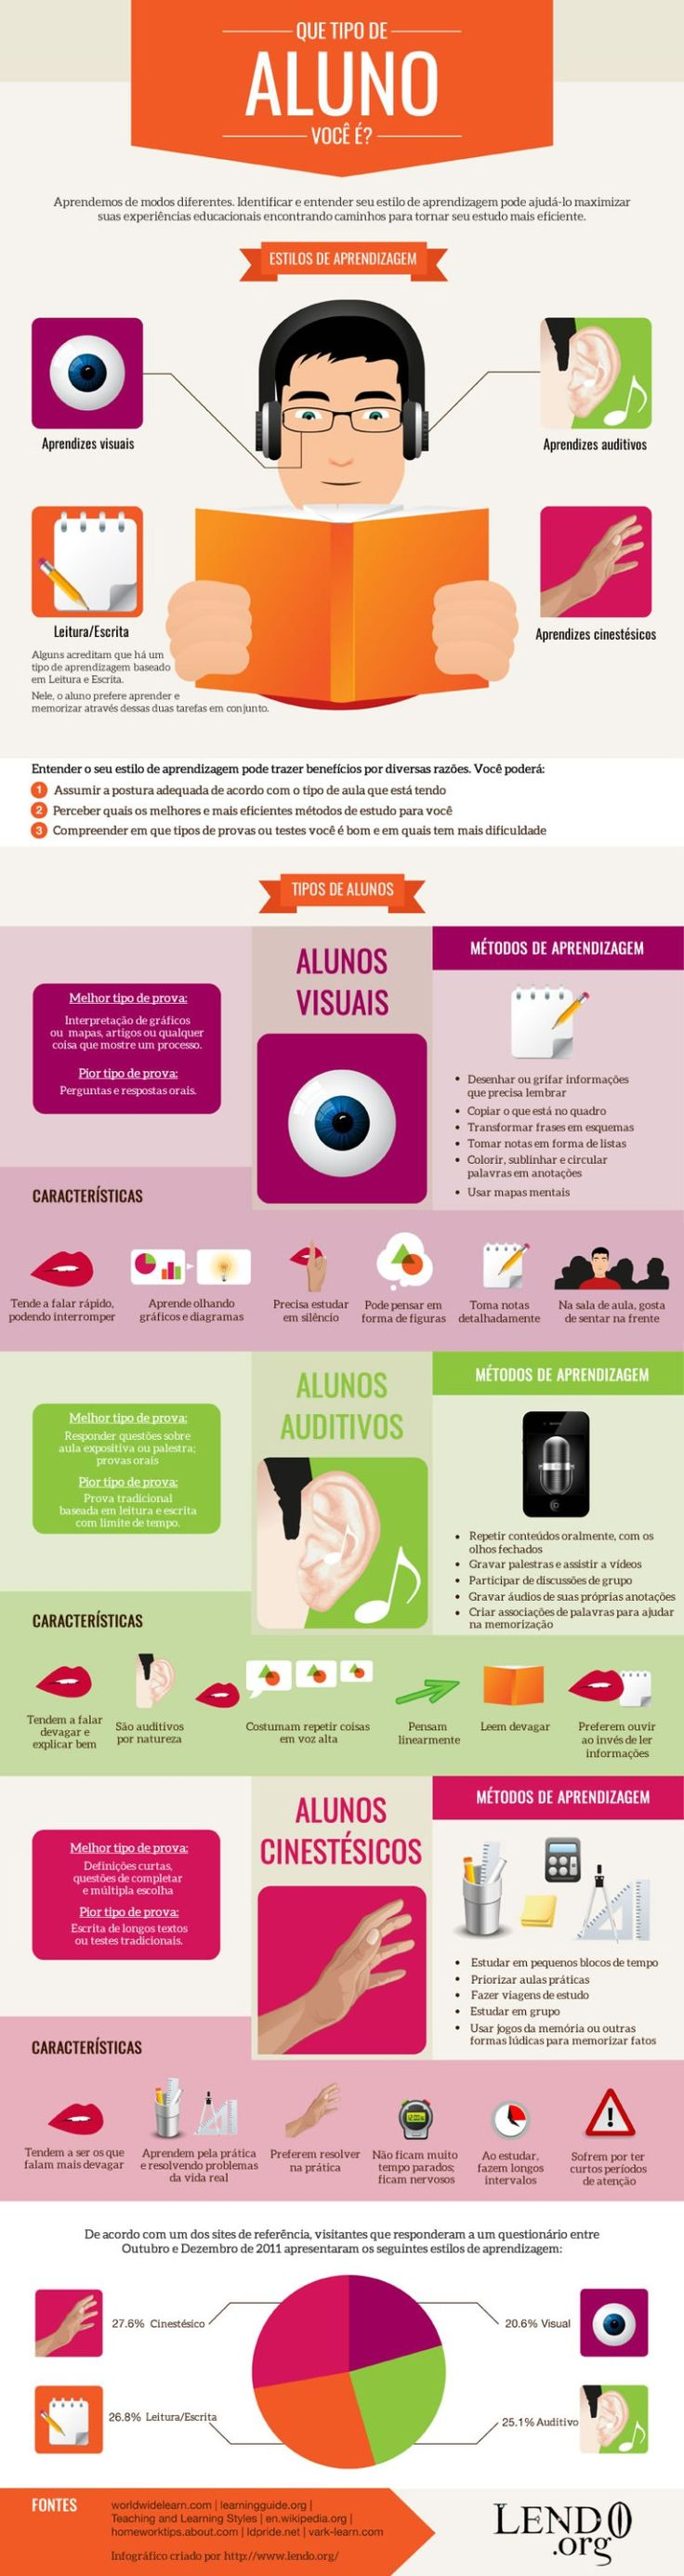 Infográfico Estilos de Aprendizagem: Visual, Auditivo e Cinestésico